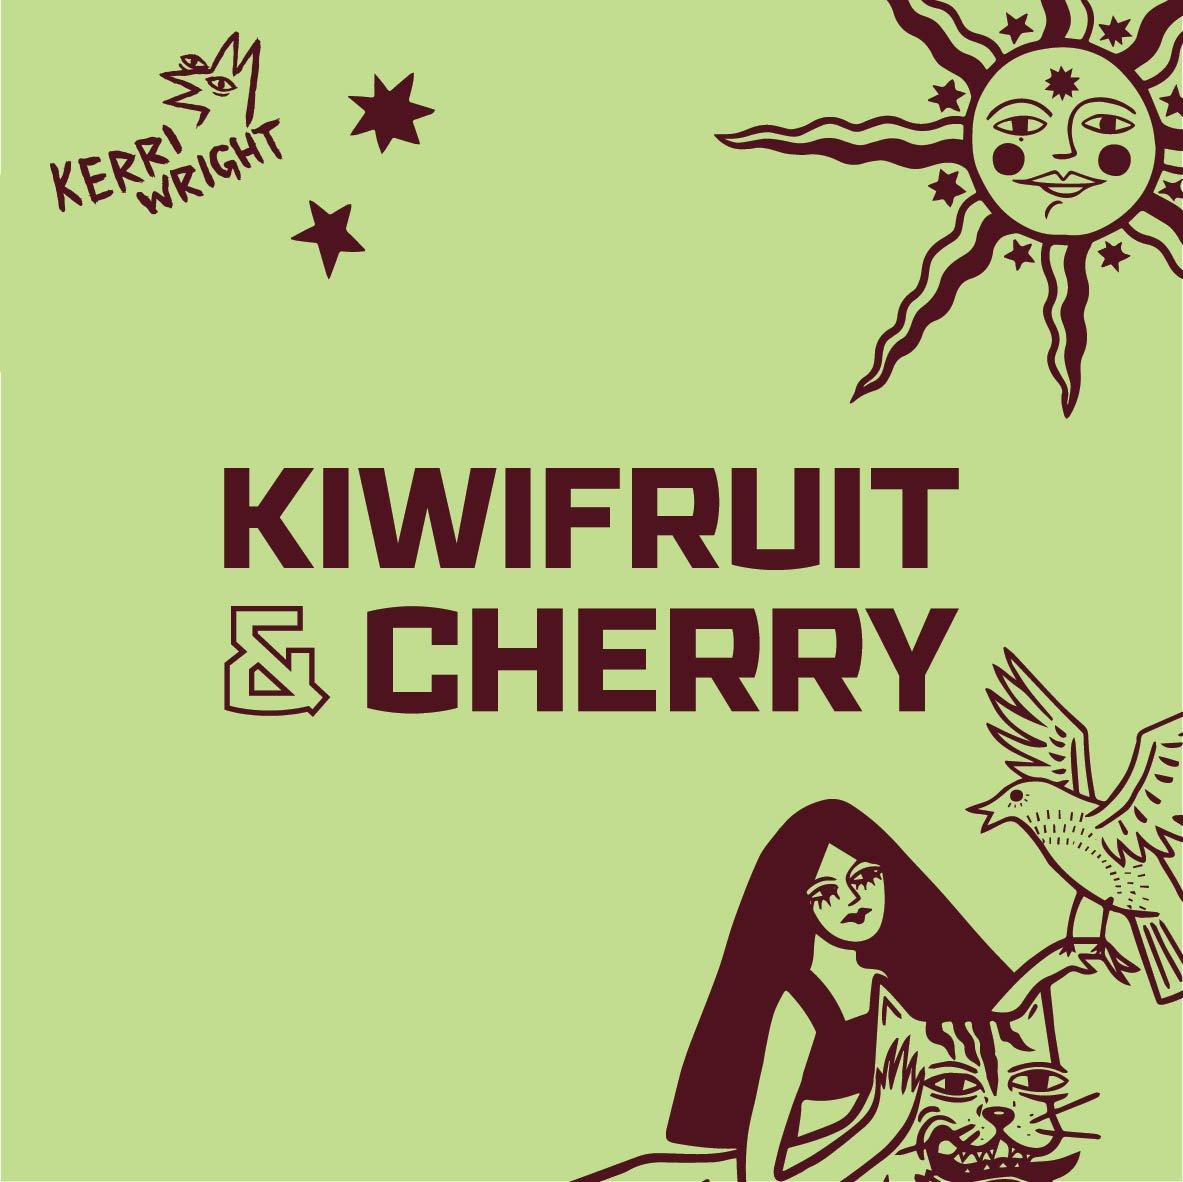 KIWIFRUIT AND CHERRY